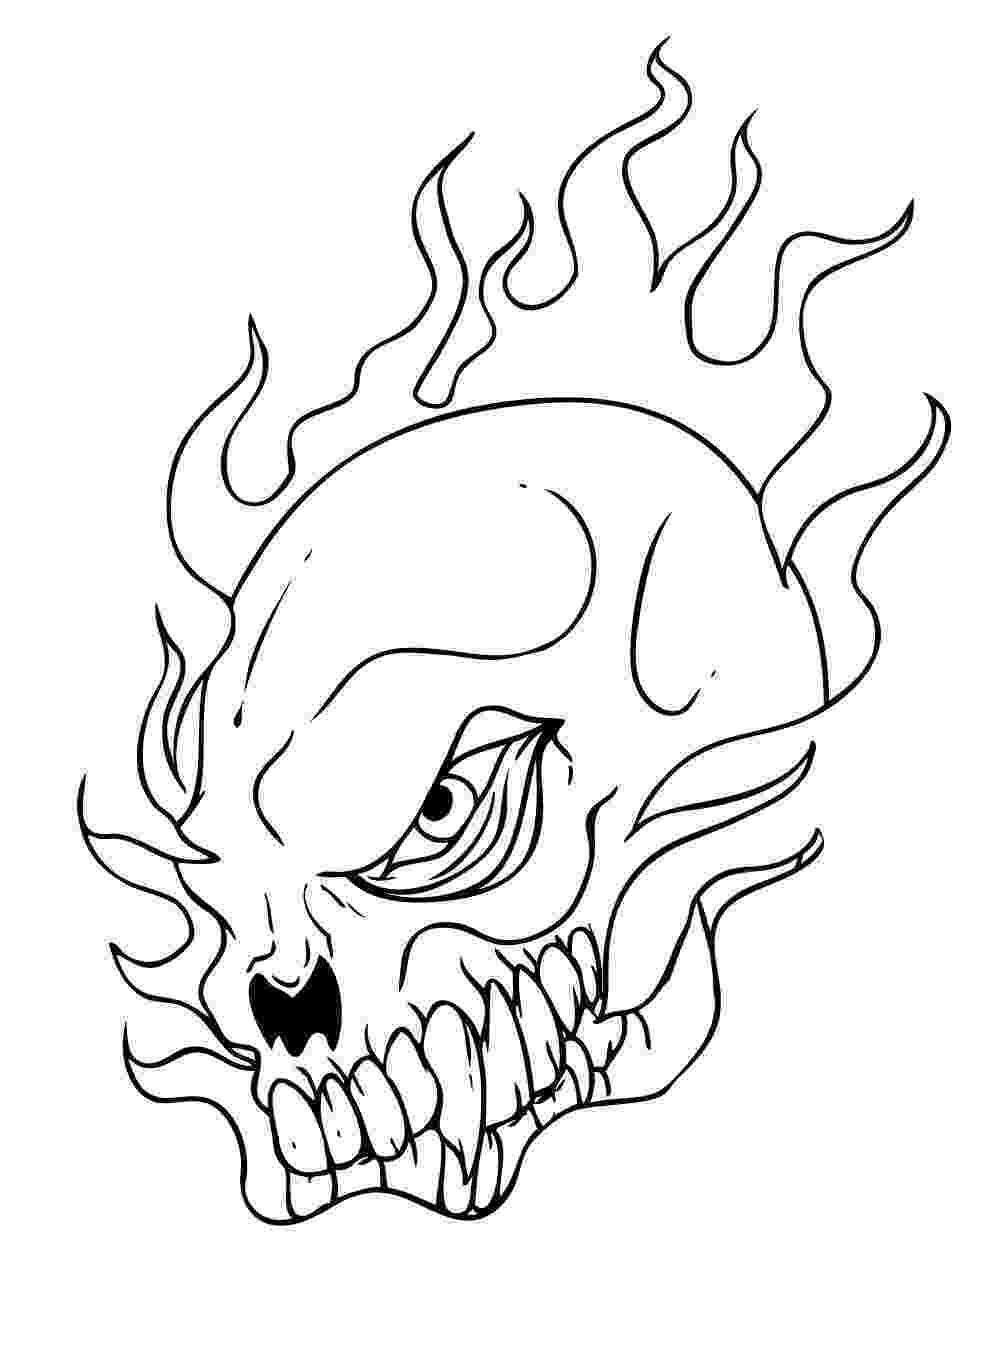 skull coloring sheets yucca flats nm wenchkin39s coloring pages sugar skull skull sheets coloring